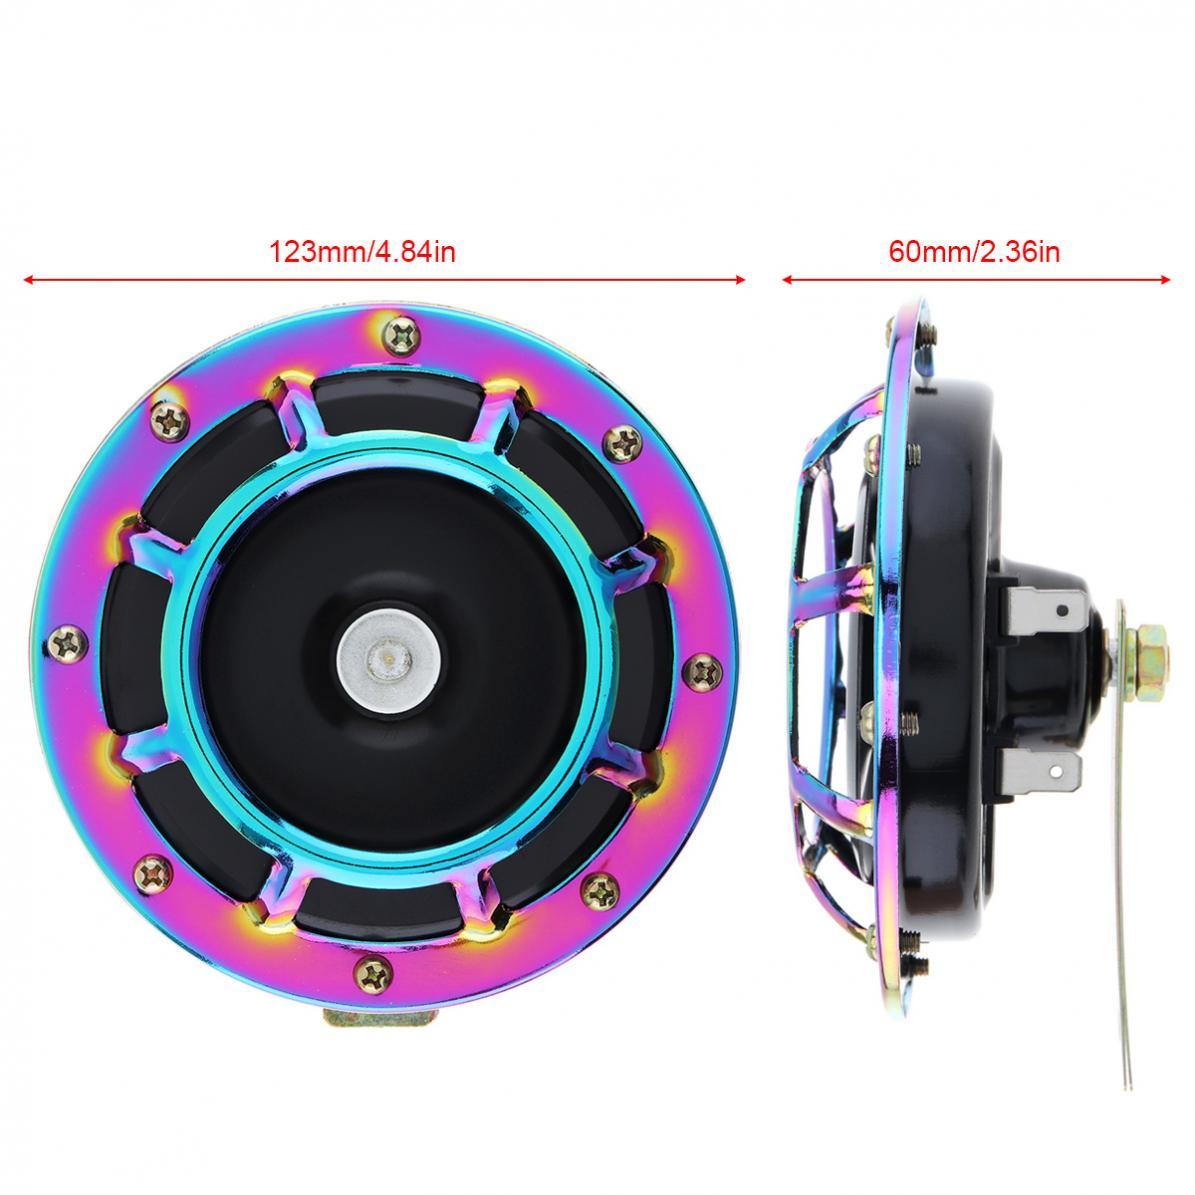 2 uds 12V Disco Universal bocina de coche súper fuerte 139DB Tono de explosión soporte de rejilla compacto eléctrico Tono de explosión cuerno apto para diferentes coches